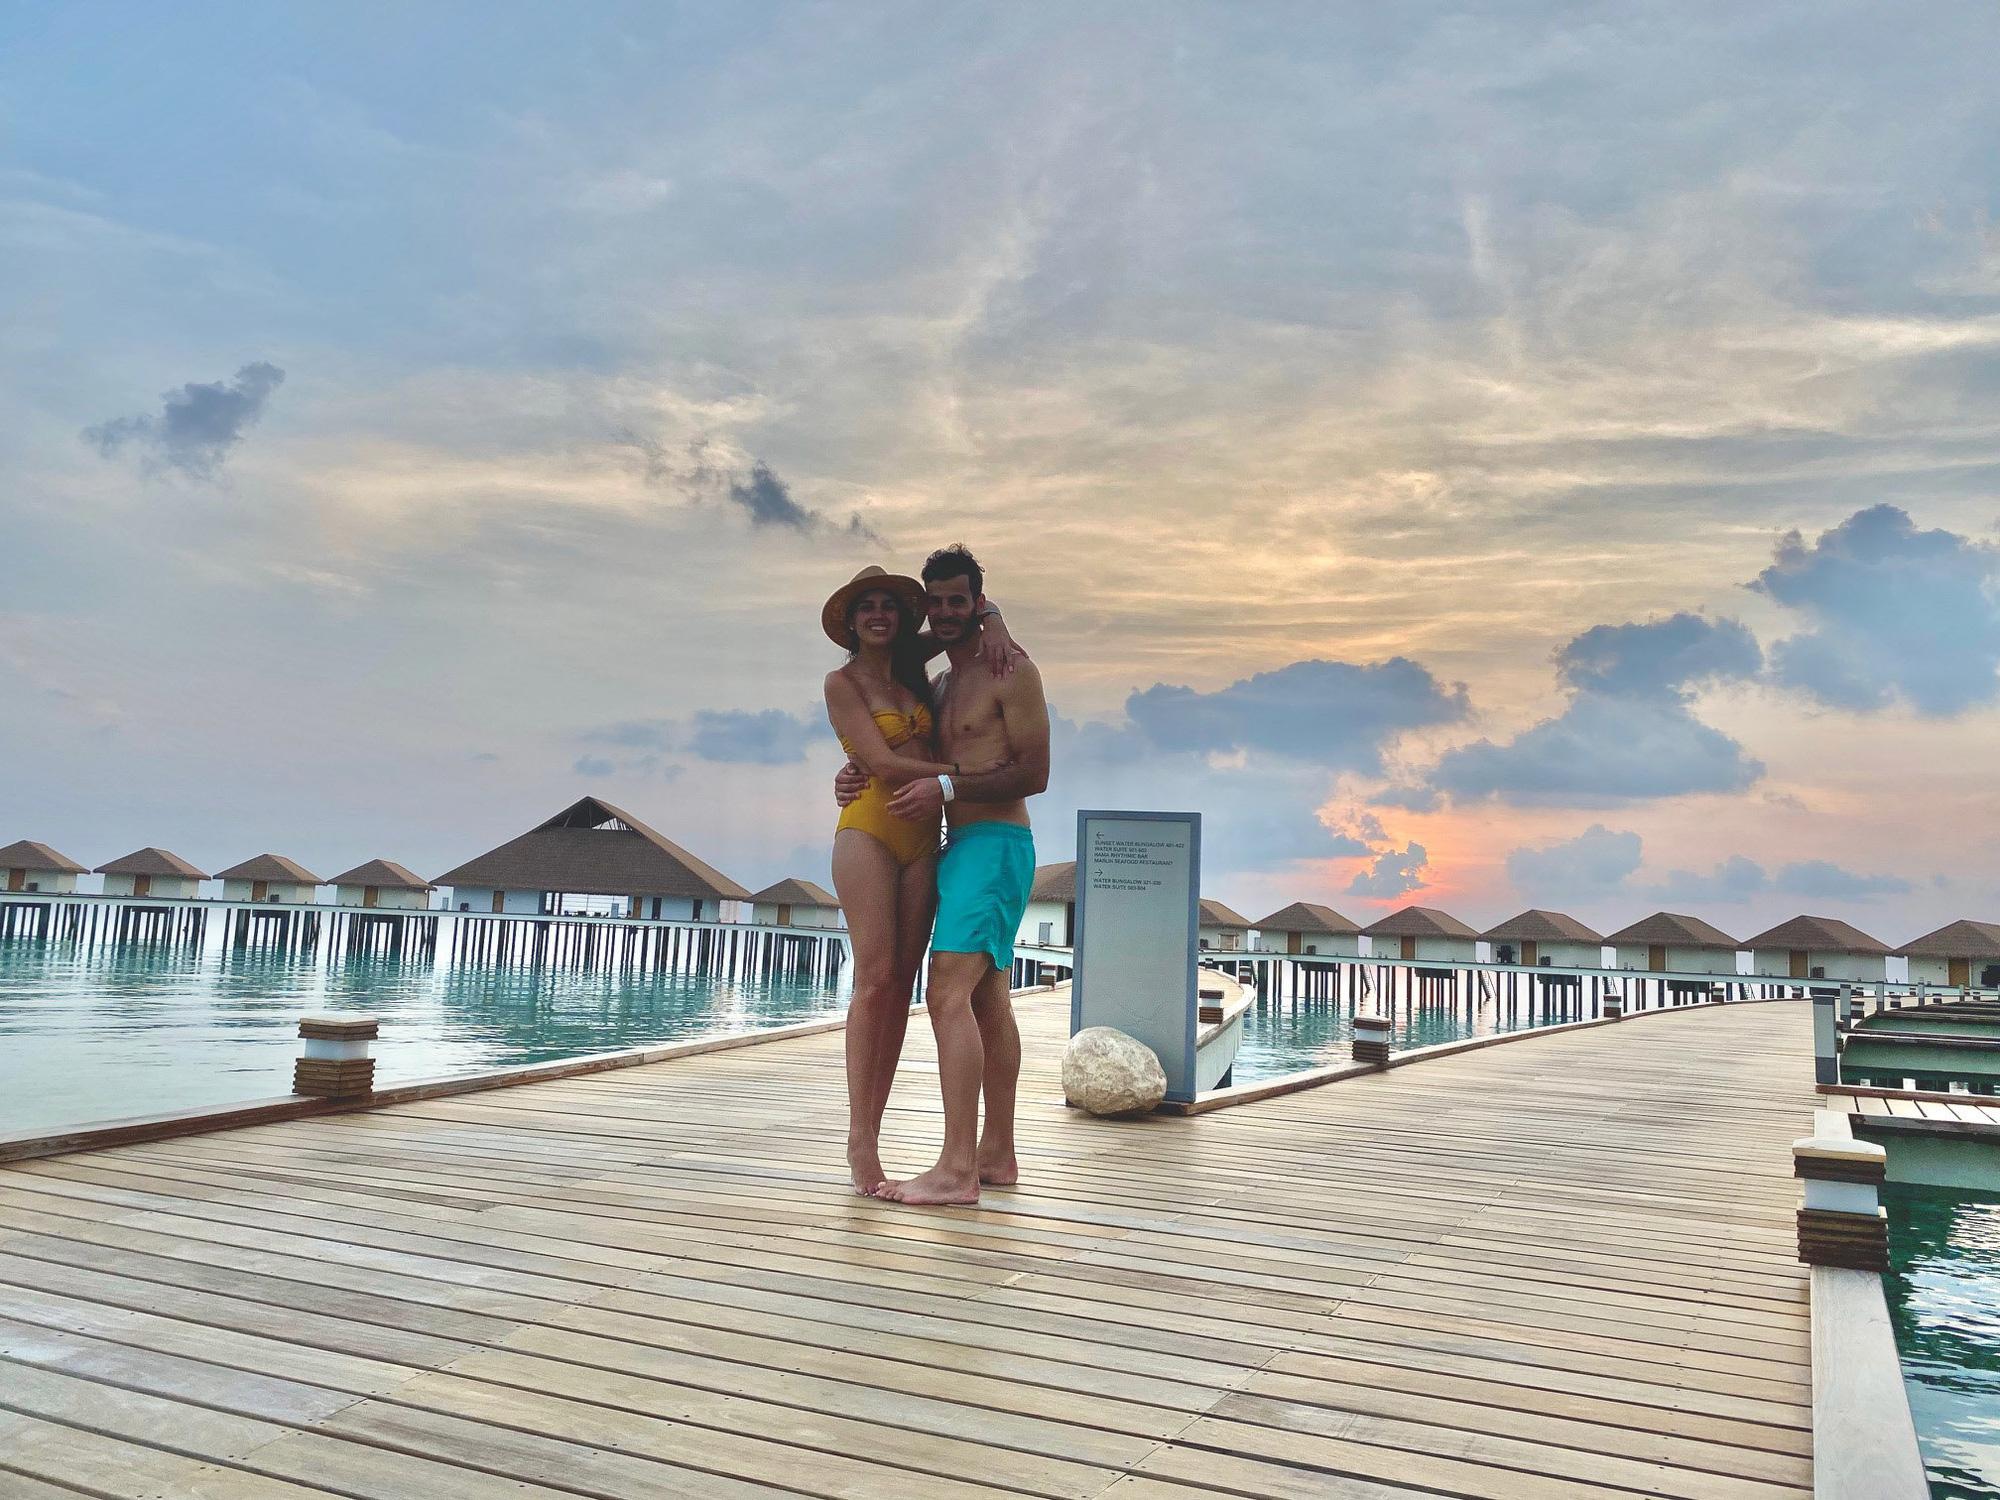 """Vẫn đi tuần trăng mật ở Maldives giữa mùa Covid-19, cặp đôi mới cưới bị mắc kẹt trên """"hòn đảo thiên đường"""" chưa biết ngày về - Ảnh 4."""